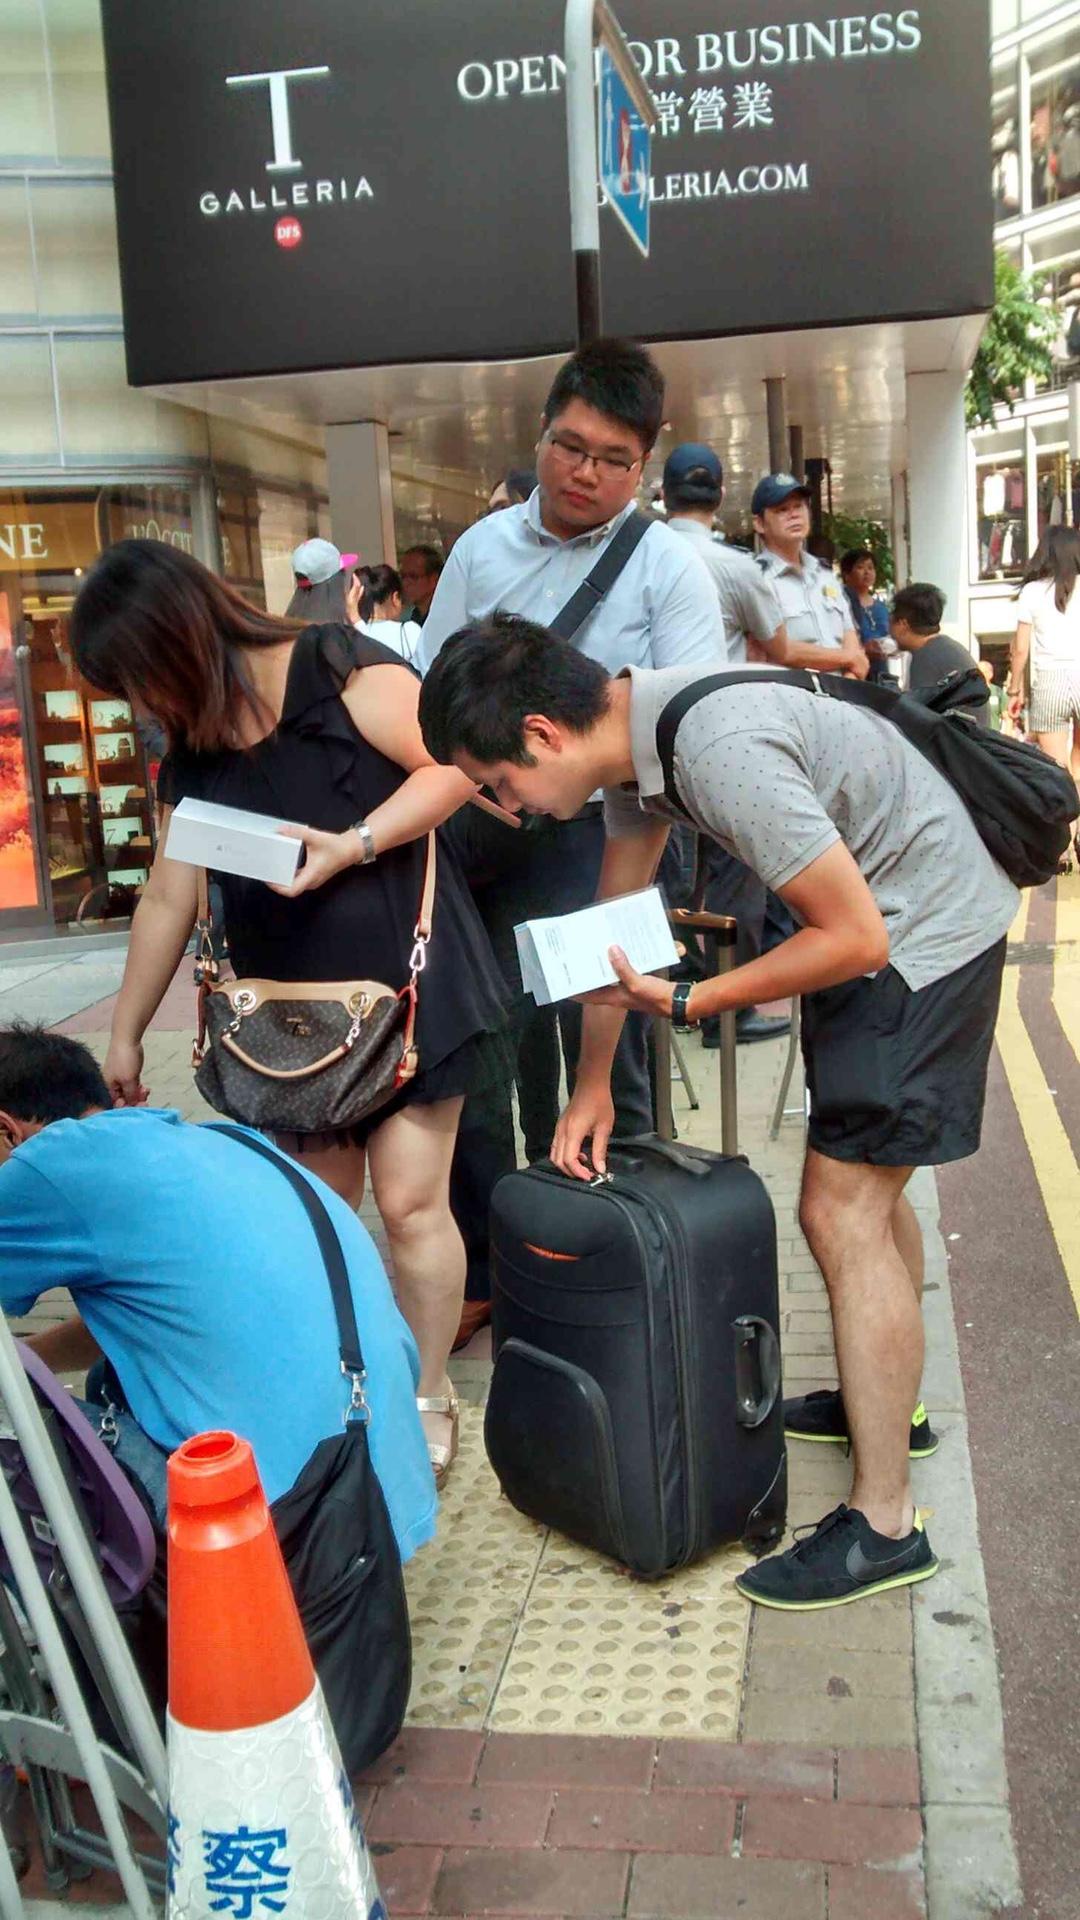 iPhone 6 sold on sidewalk in Hong Kong